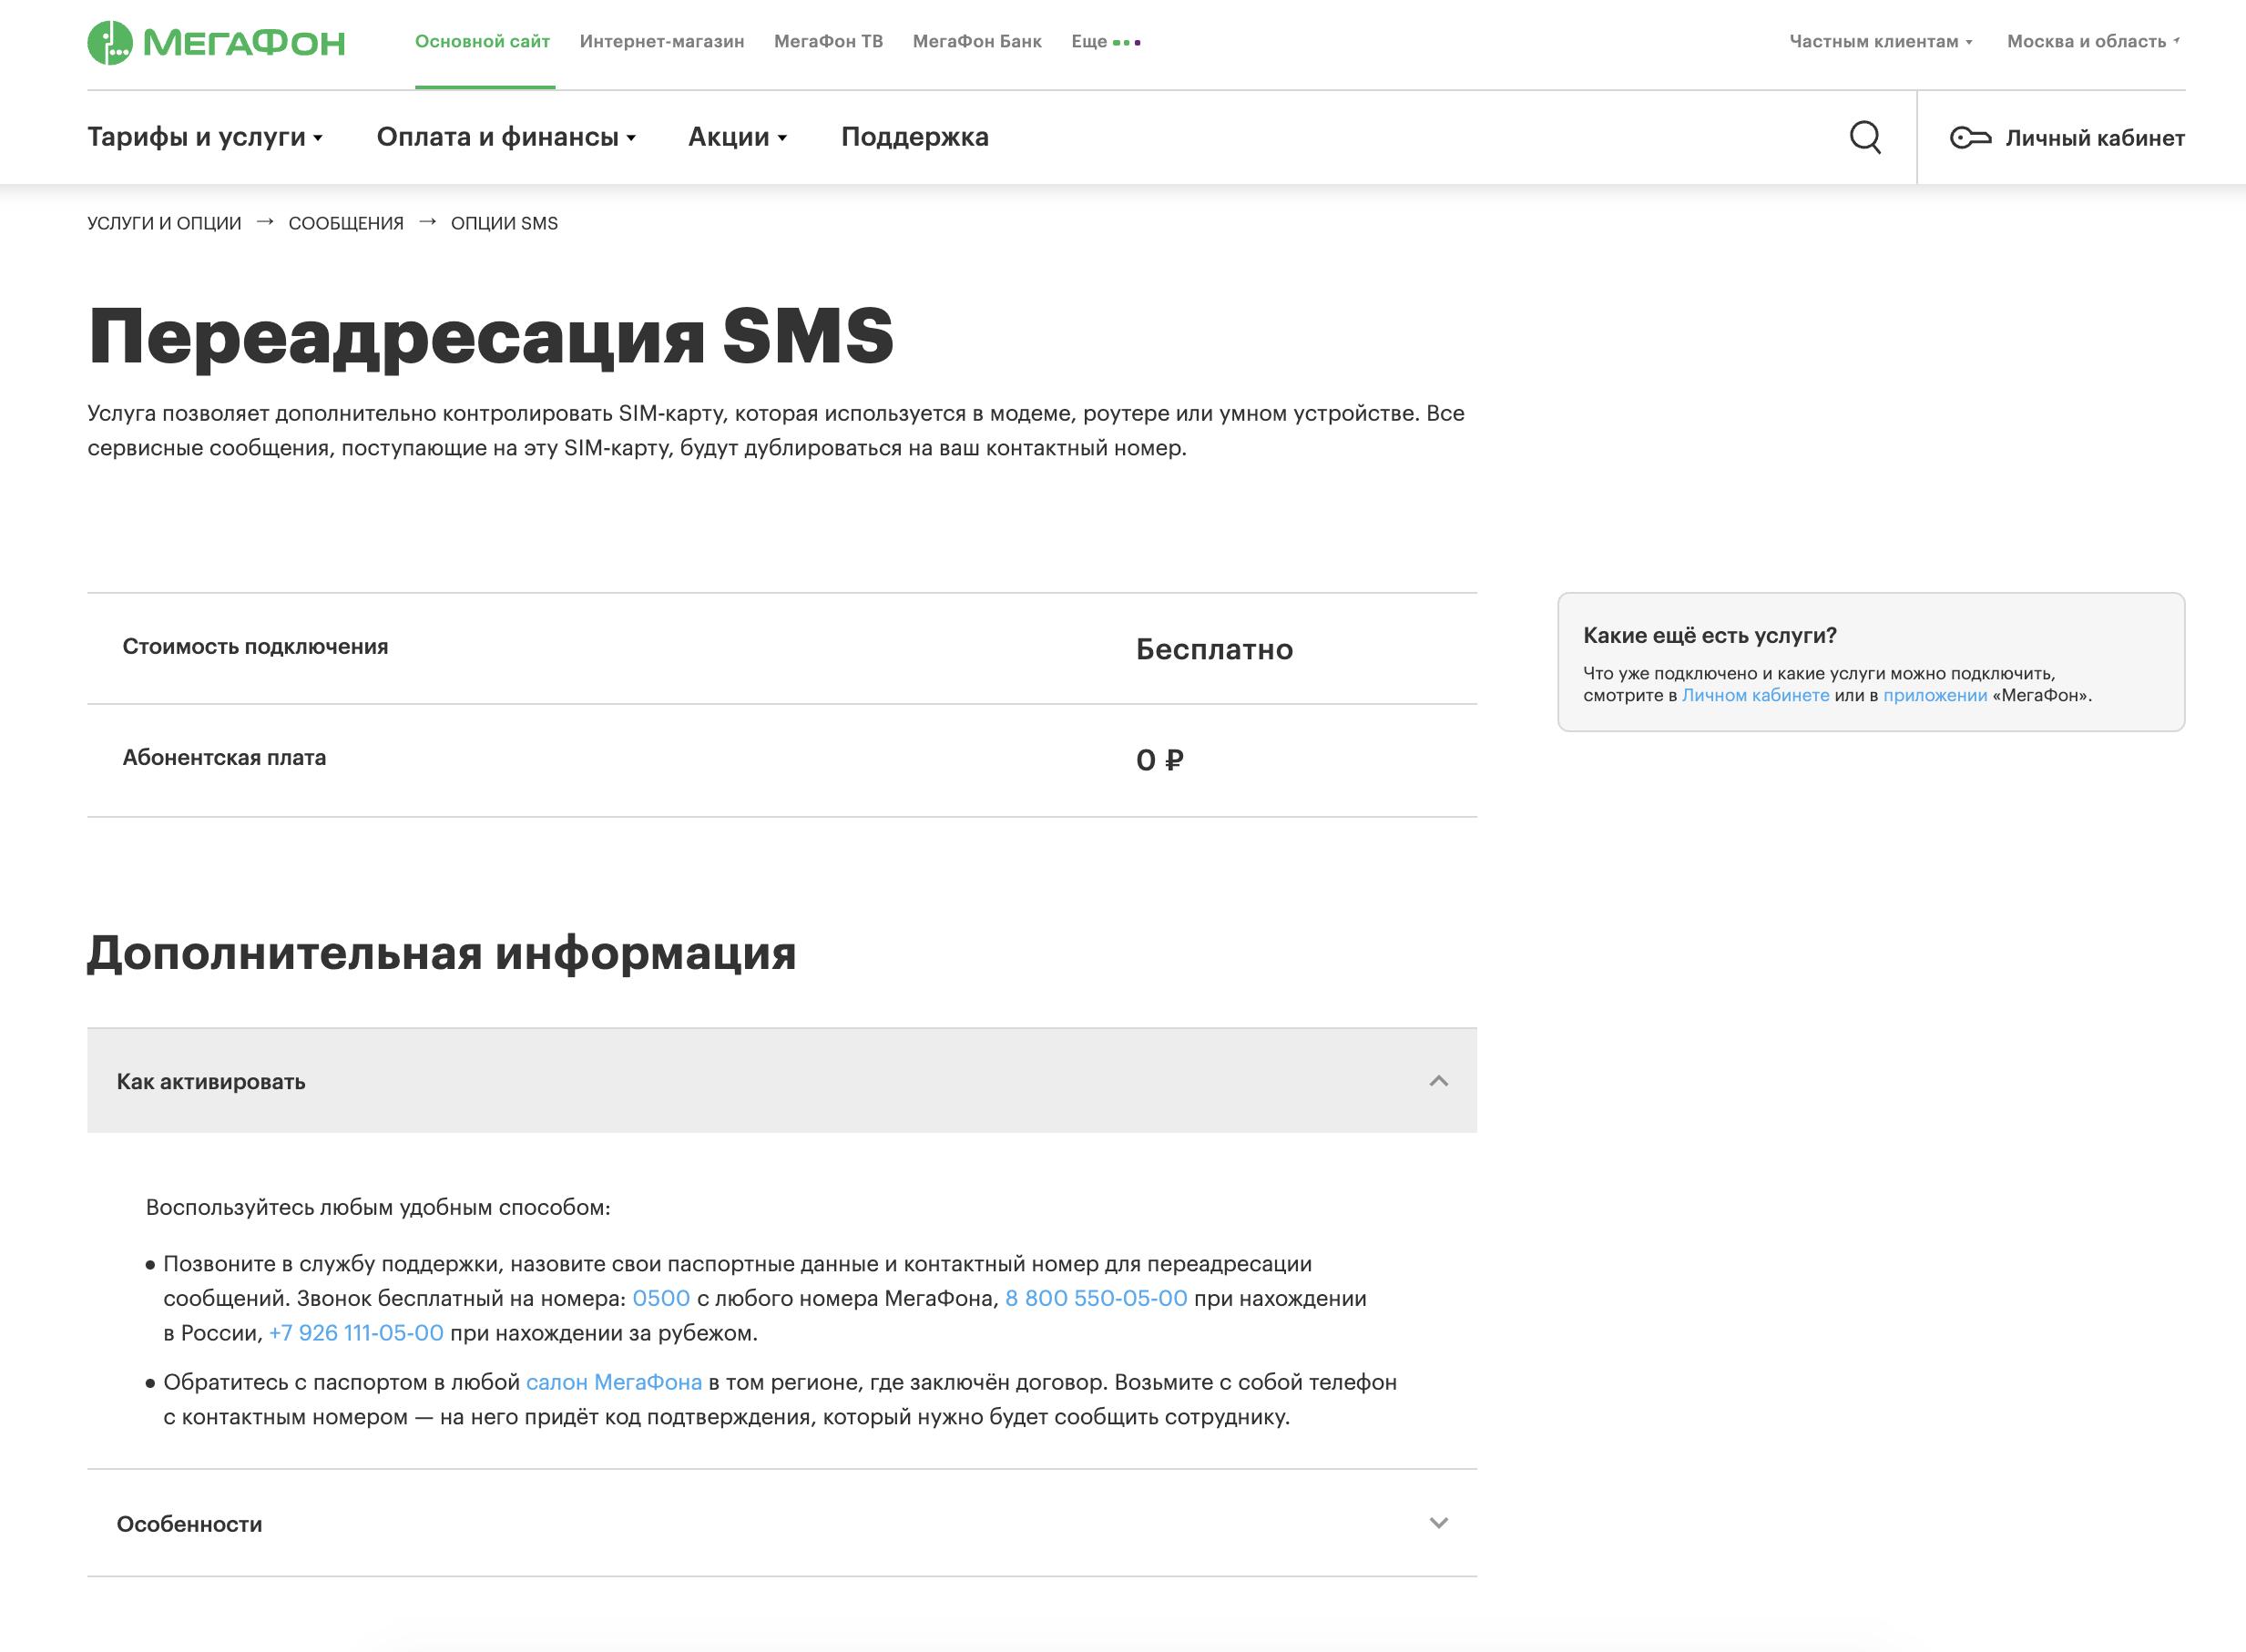 как сделать переадресацию звонков и смс с мегафона на мтс